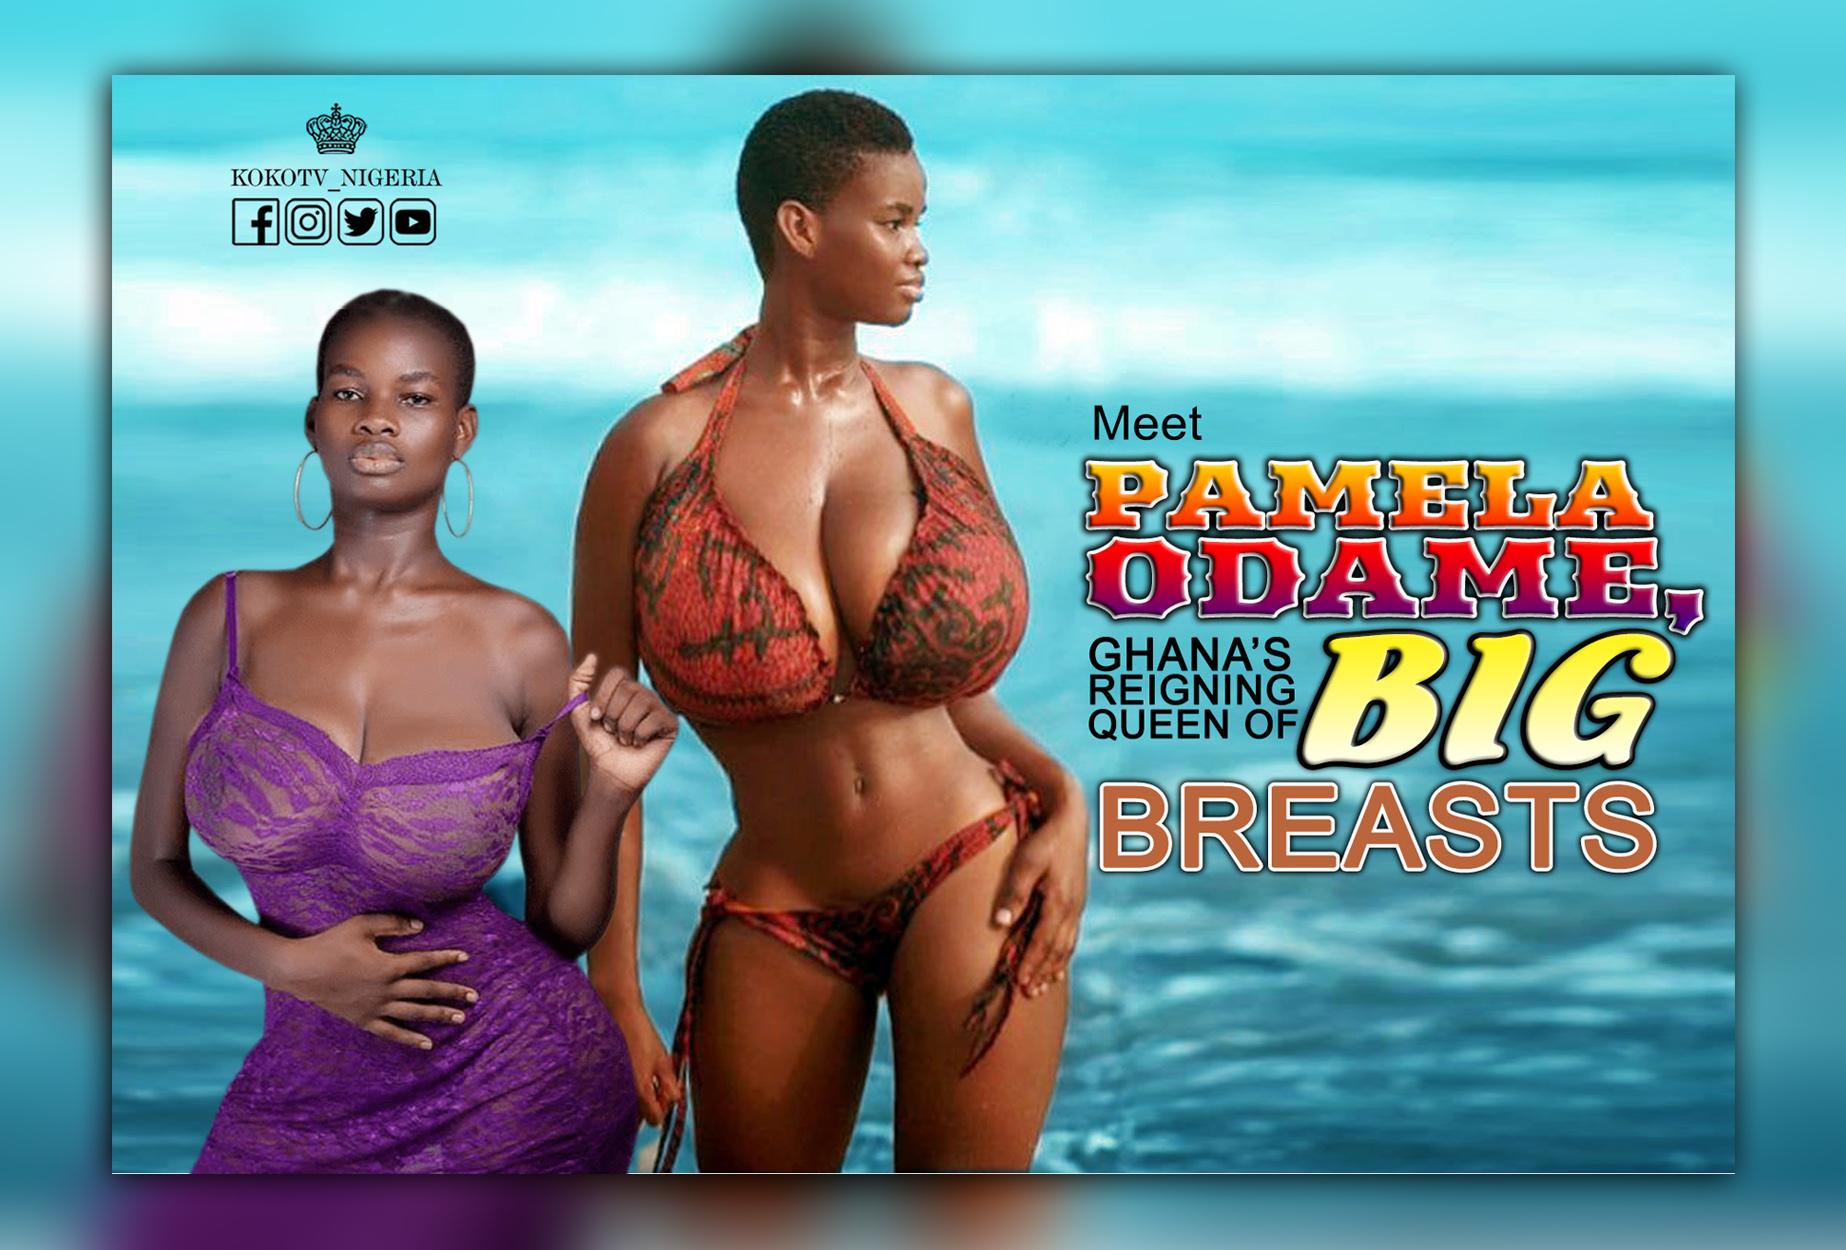 Breast com big 10 Best